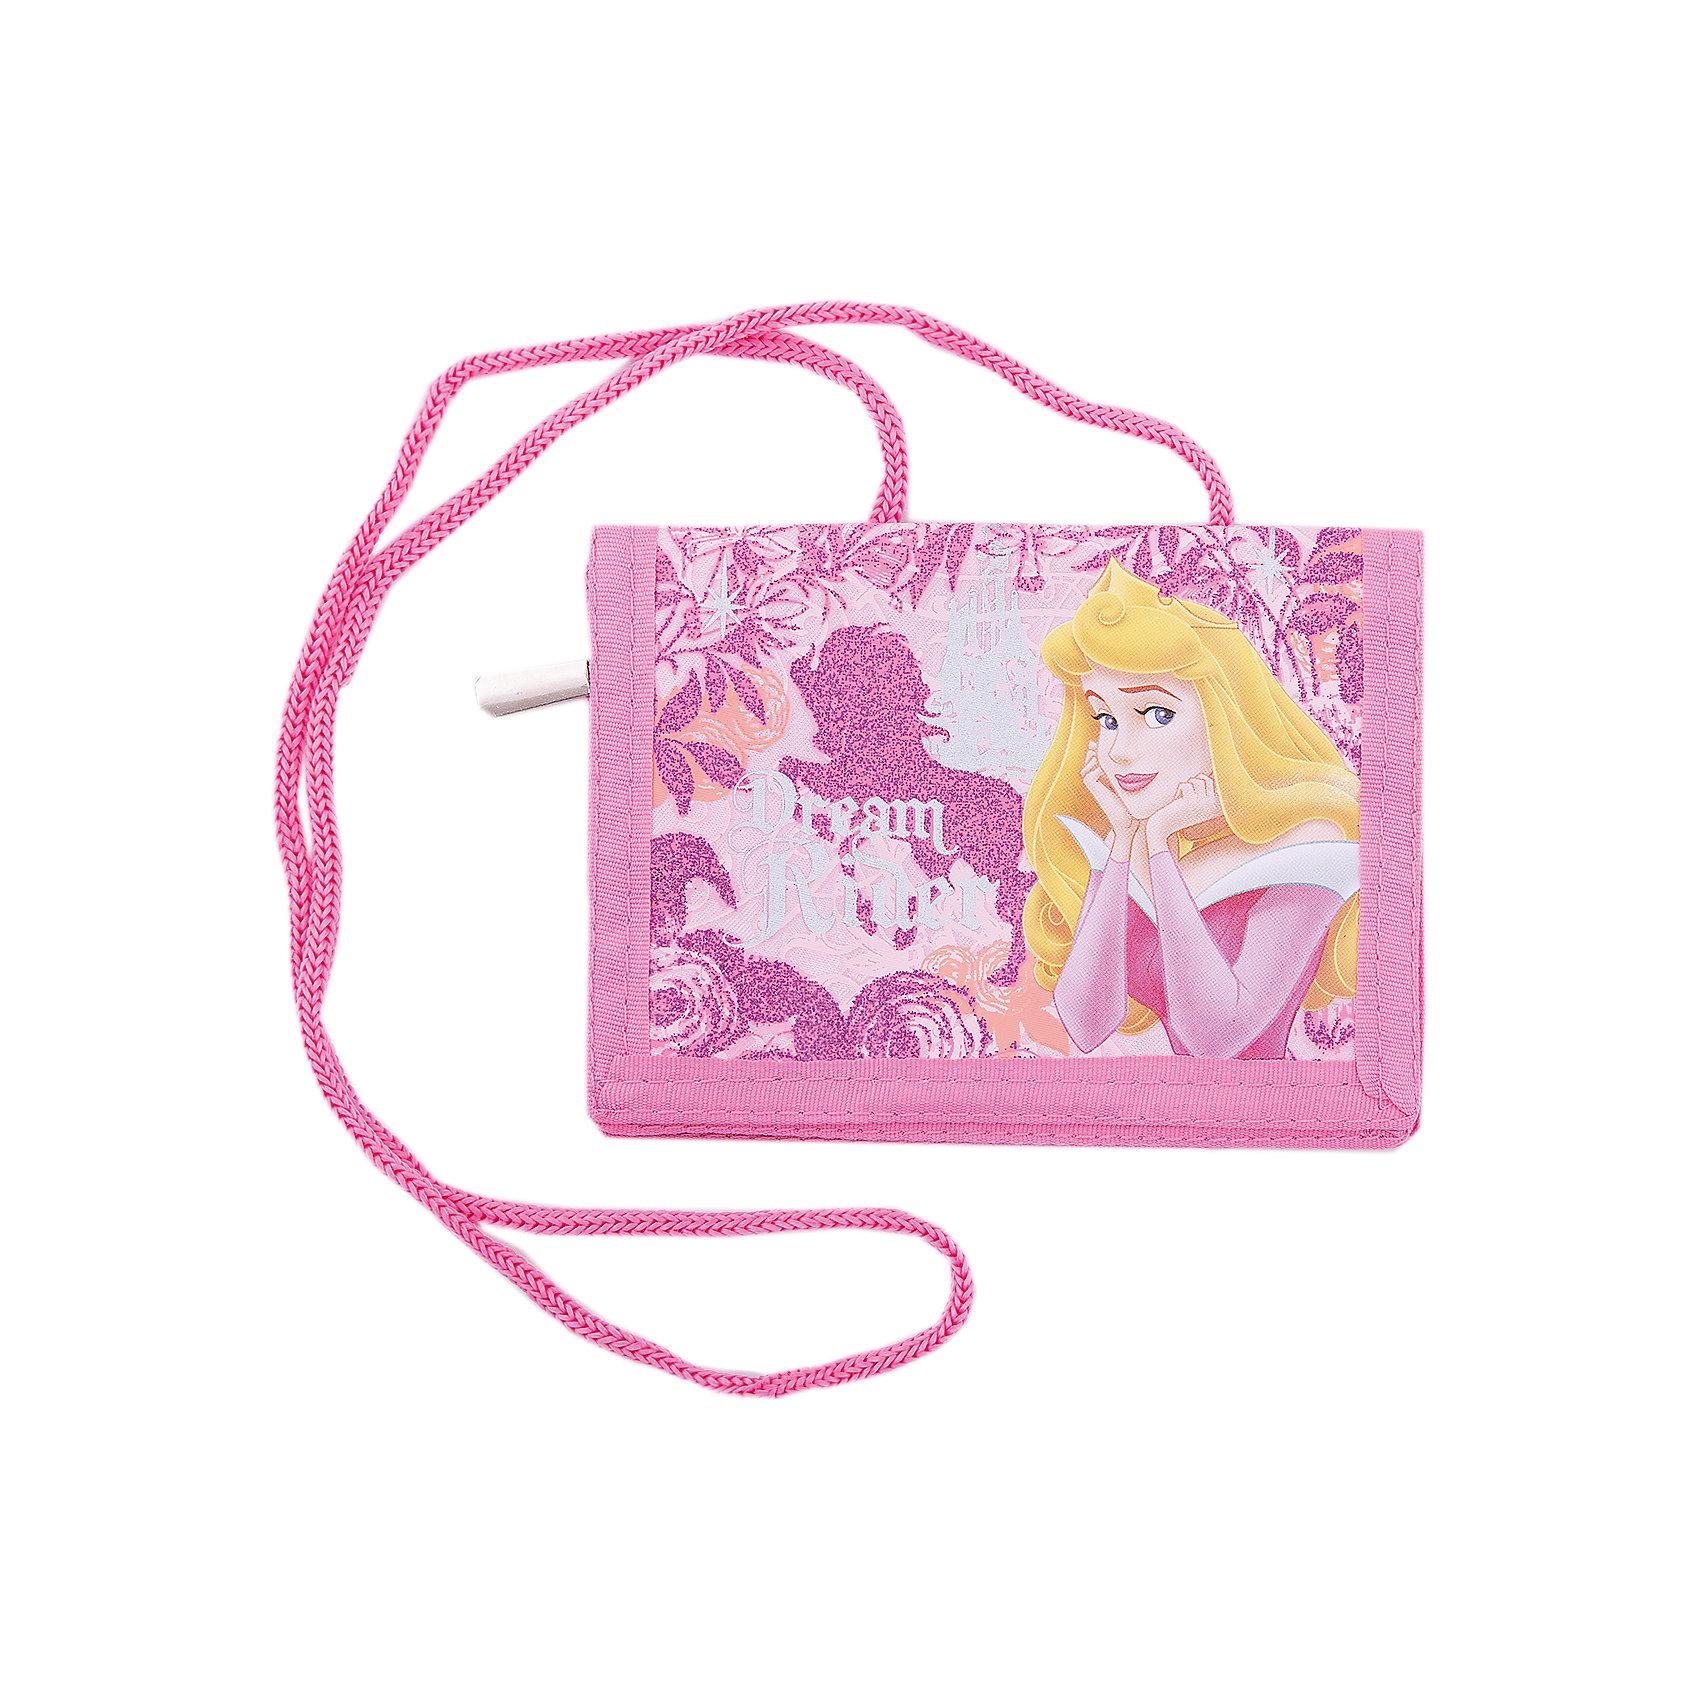 Кошелек, Принцессы ДиснейАксессуары<br>Характеристики Товара:<br><br>• цвет: розовый<br>• размер: 10х14х5 см<br>• на шнурке<br>• материал: текстиль<br>• прочный материал<br>• принт: принцессы Дисней<br><br>Хранить карманные деньги приятнее всего в красивом кошельке! Такое изделие поможет ребенку аккуратно складывать и всегда иметь под рукой нужные мелочи. Удобный формат, надежная застежка, яркие цвета, качественное исполнение!<br>Что особенно понравится девочкам - изделие украшено ярким красивым принтом с принцессами Диснея. Подруги будут завидовать! Отличный вариант маленького подарка для девочек. Товар производится из качественных и проверенных материалов, которые безопасны для детей.<br><br>Кошелек, Принцессы Дисней, можно купить в нашем интернет-магазине.<br><br>Ширина мм: 100<br>Глубина мм: 140<br>Высота мм: 5<br>Вес г: 86<br>Возраст от месяцев: 60<br>Возраст до месяцев: 84<br>Пол: Женский<br>Возраст: Детский<br>SKU: 5218463